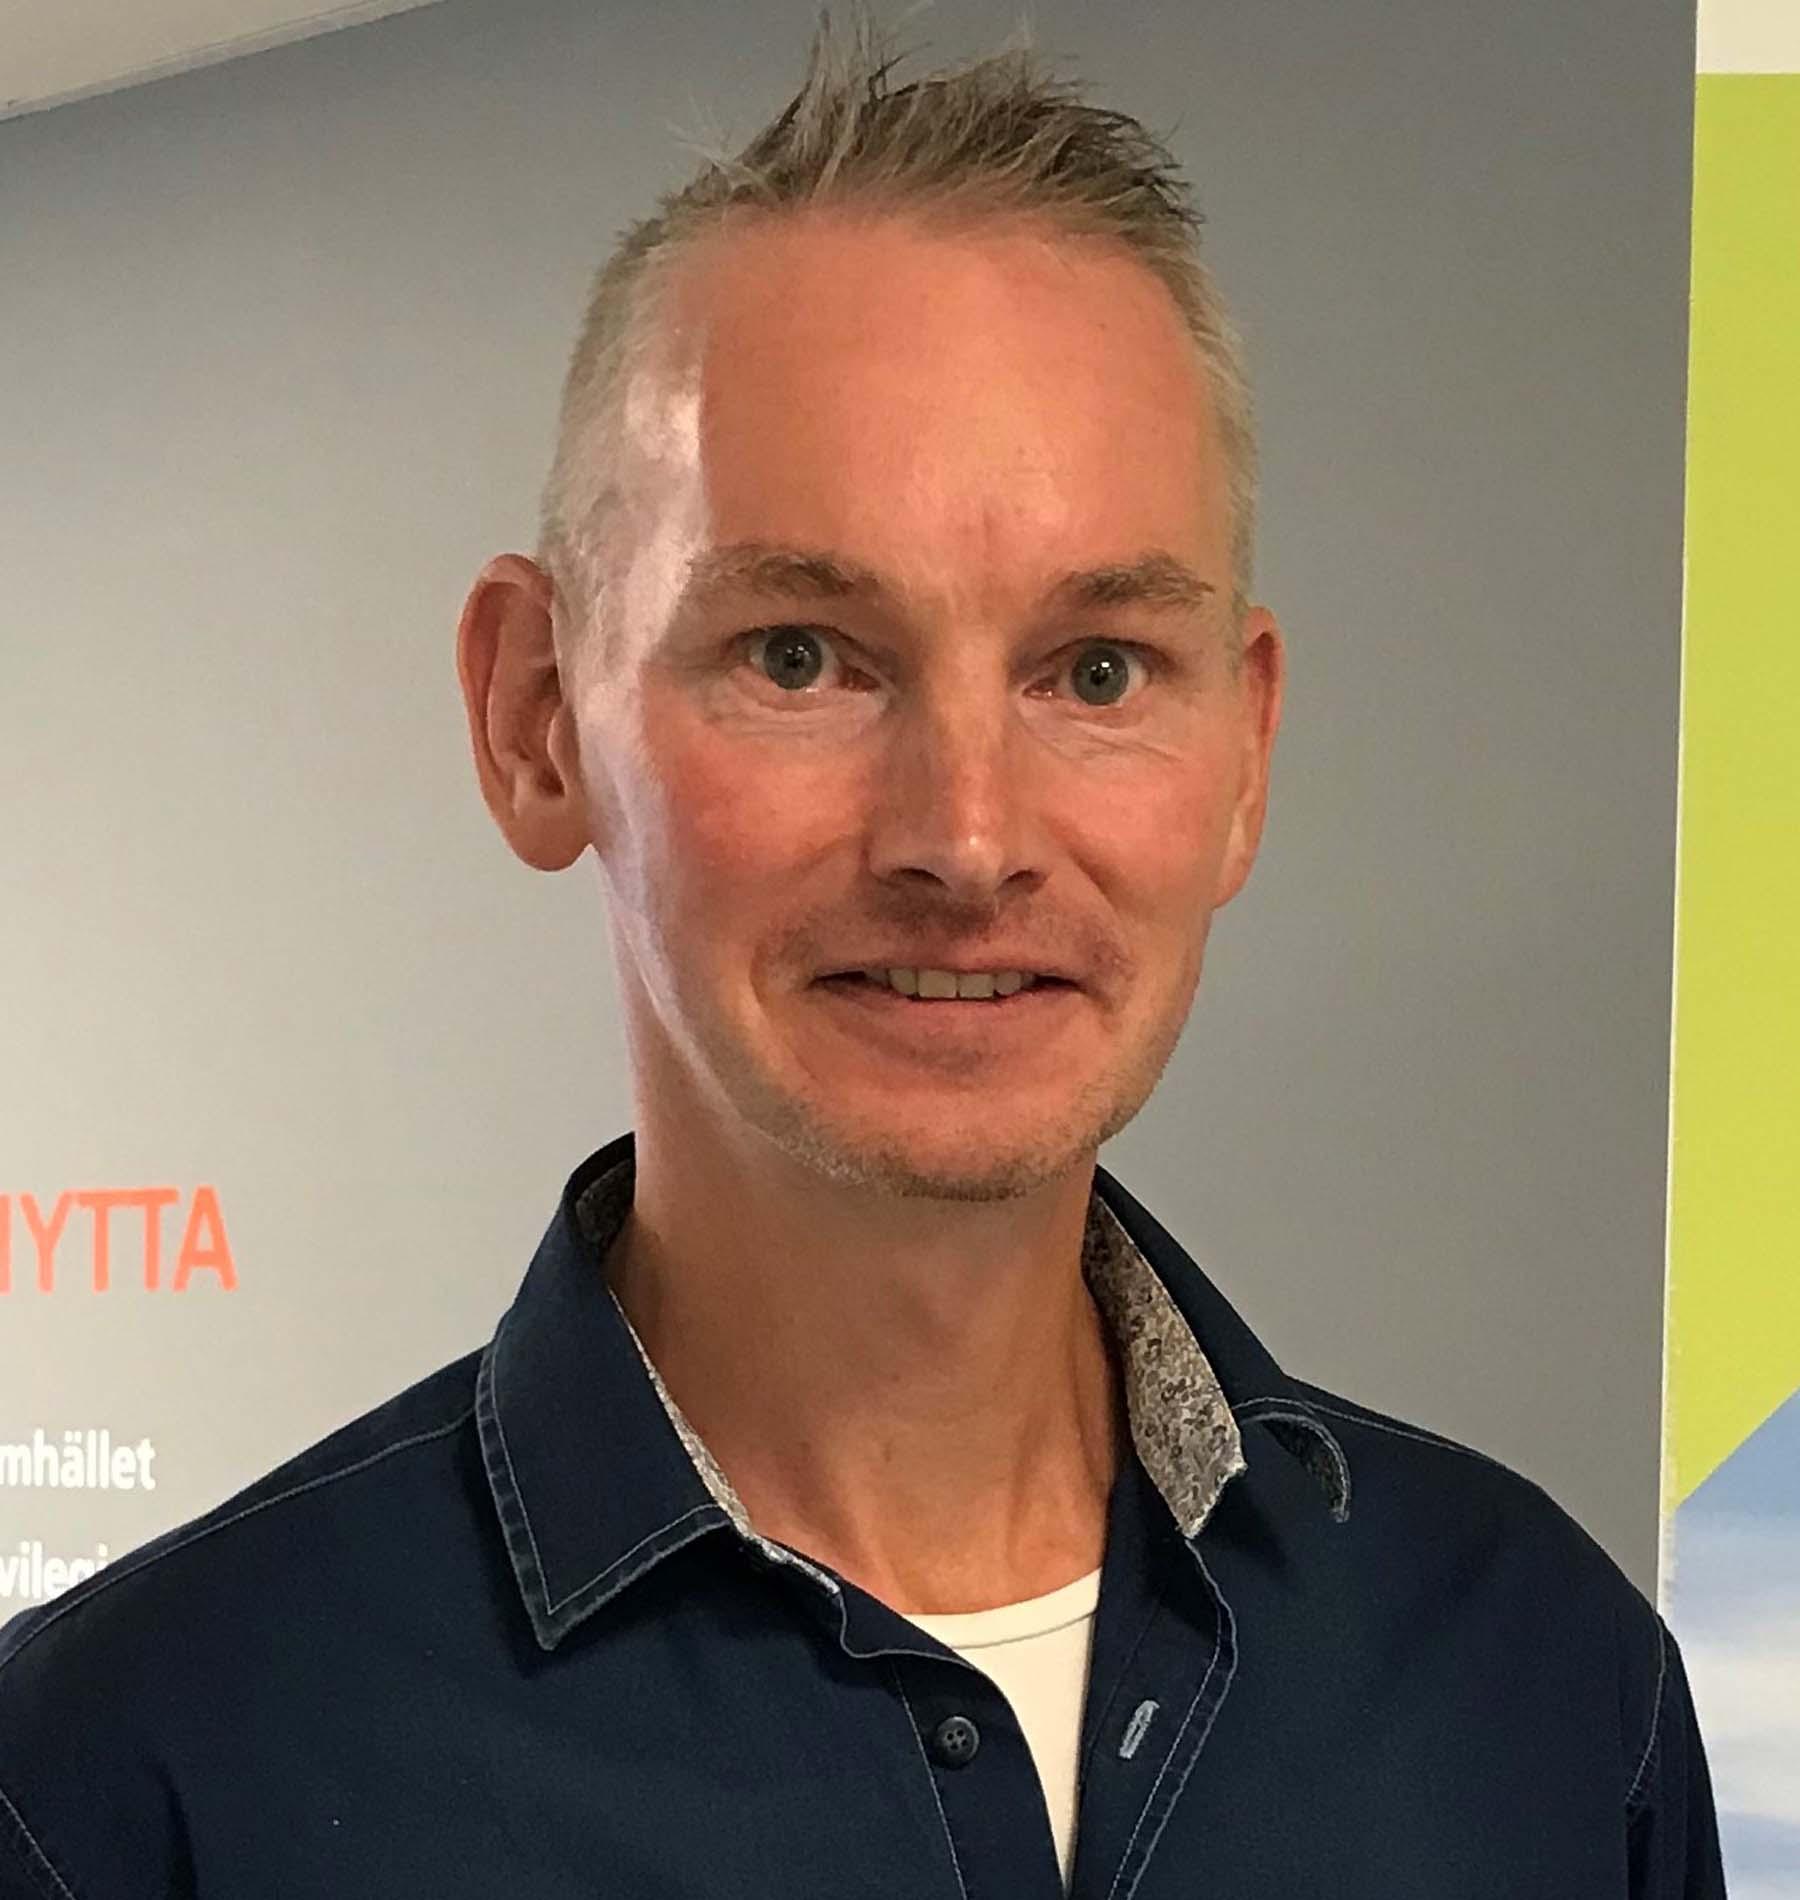 Sikkerhetssjef Erik Everbrink